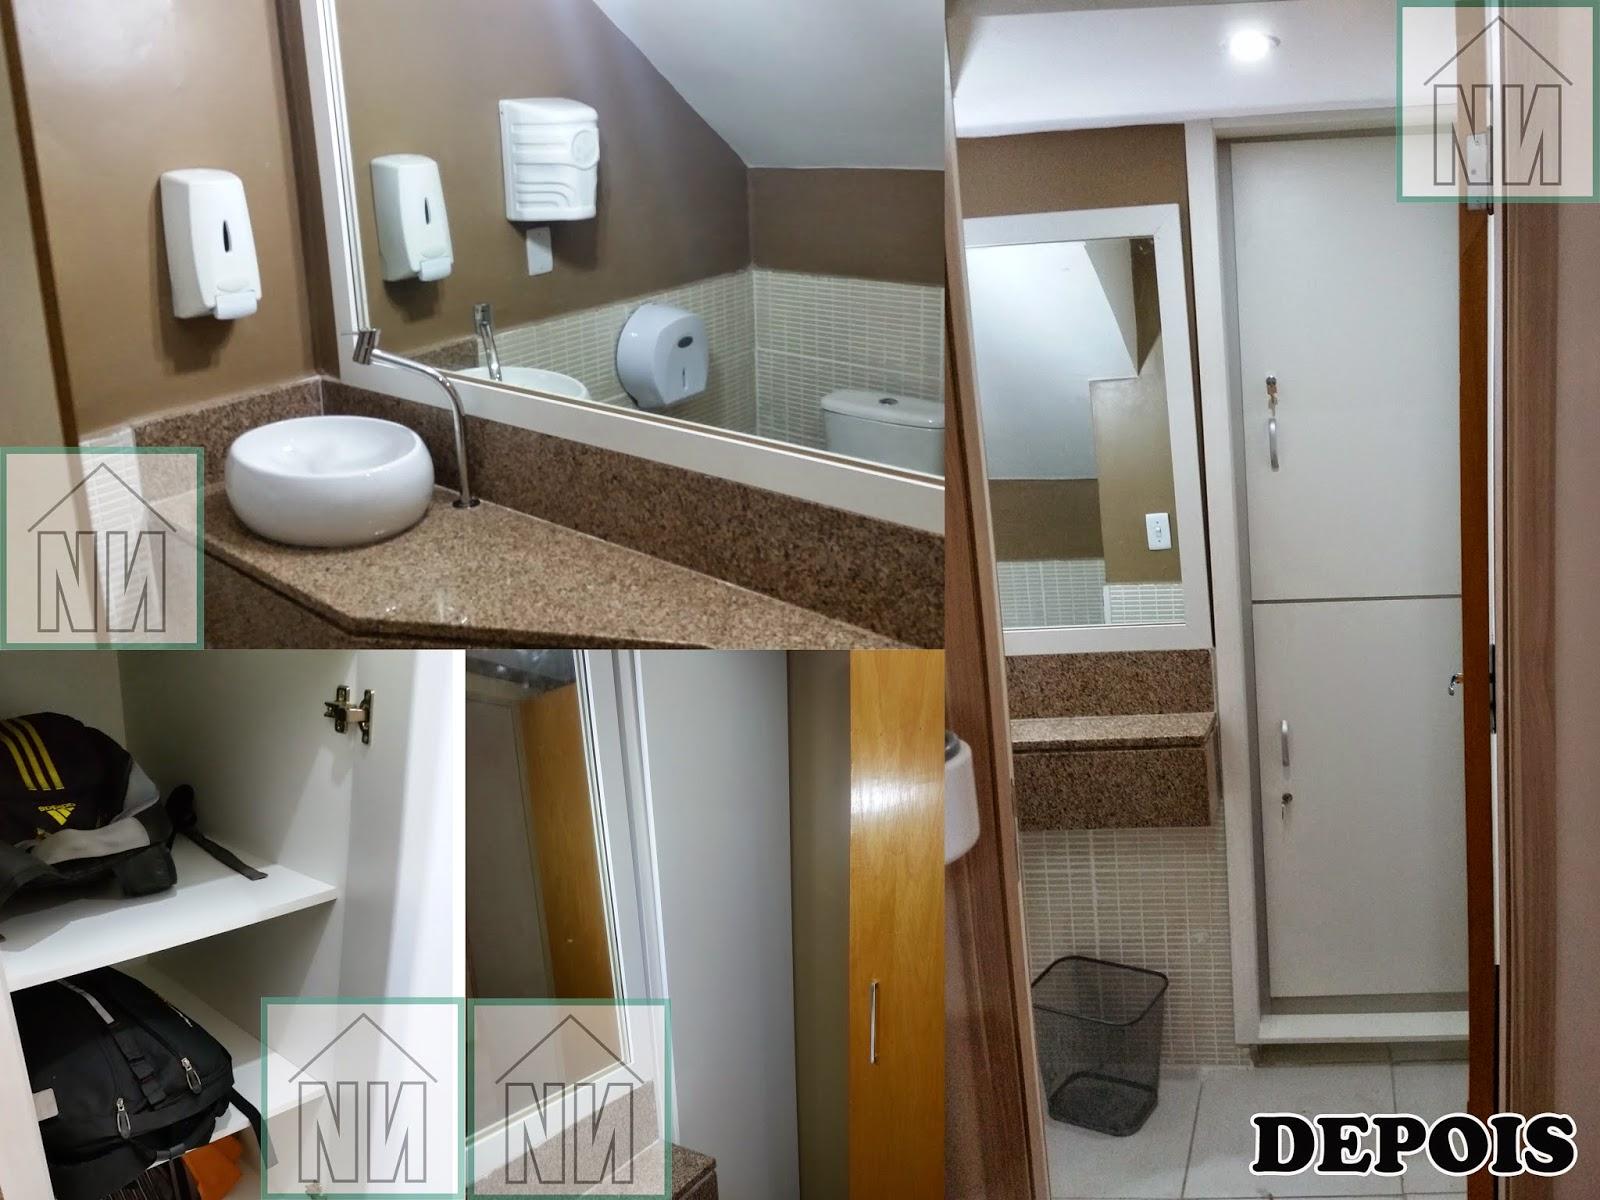 Veremos mais desta reforma em outras postagens. Espero que tenham  #61472D 1600x1200 Arquitetura Banheiro Pequeno